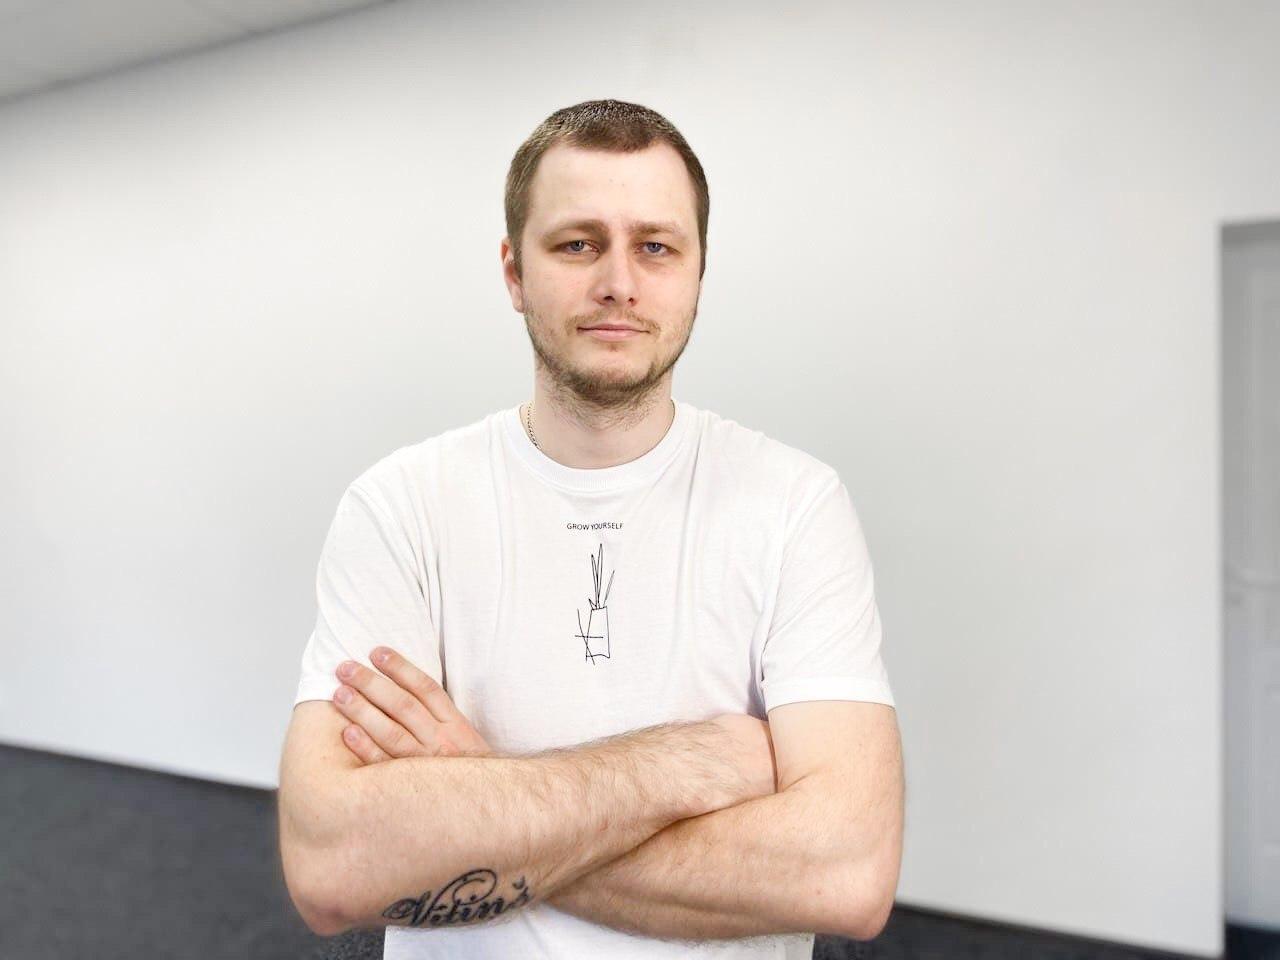 Profila bilde izstrādātājs